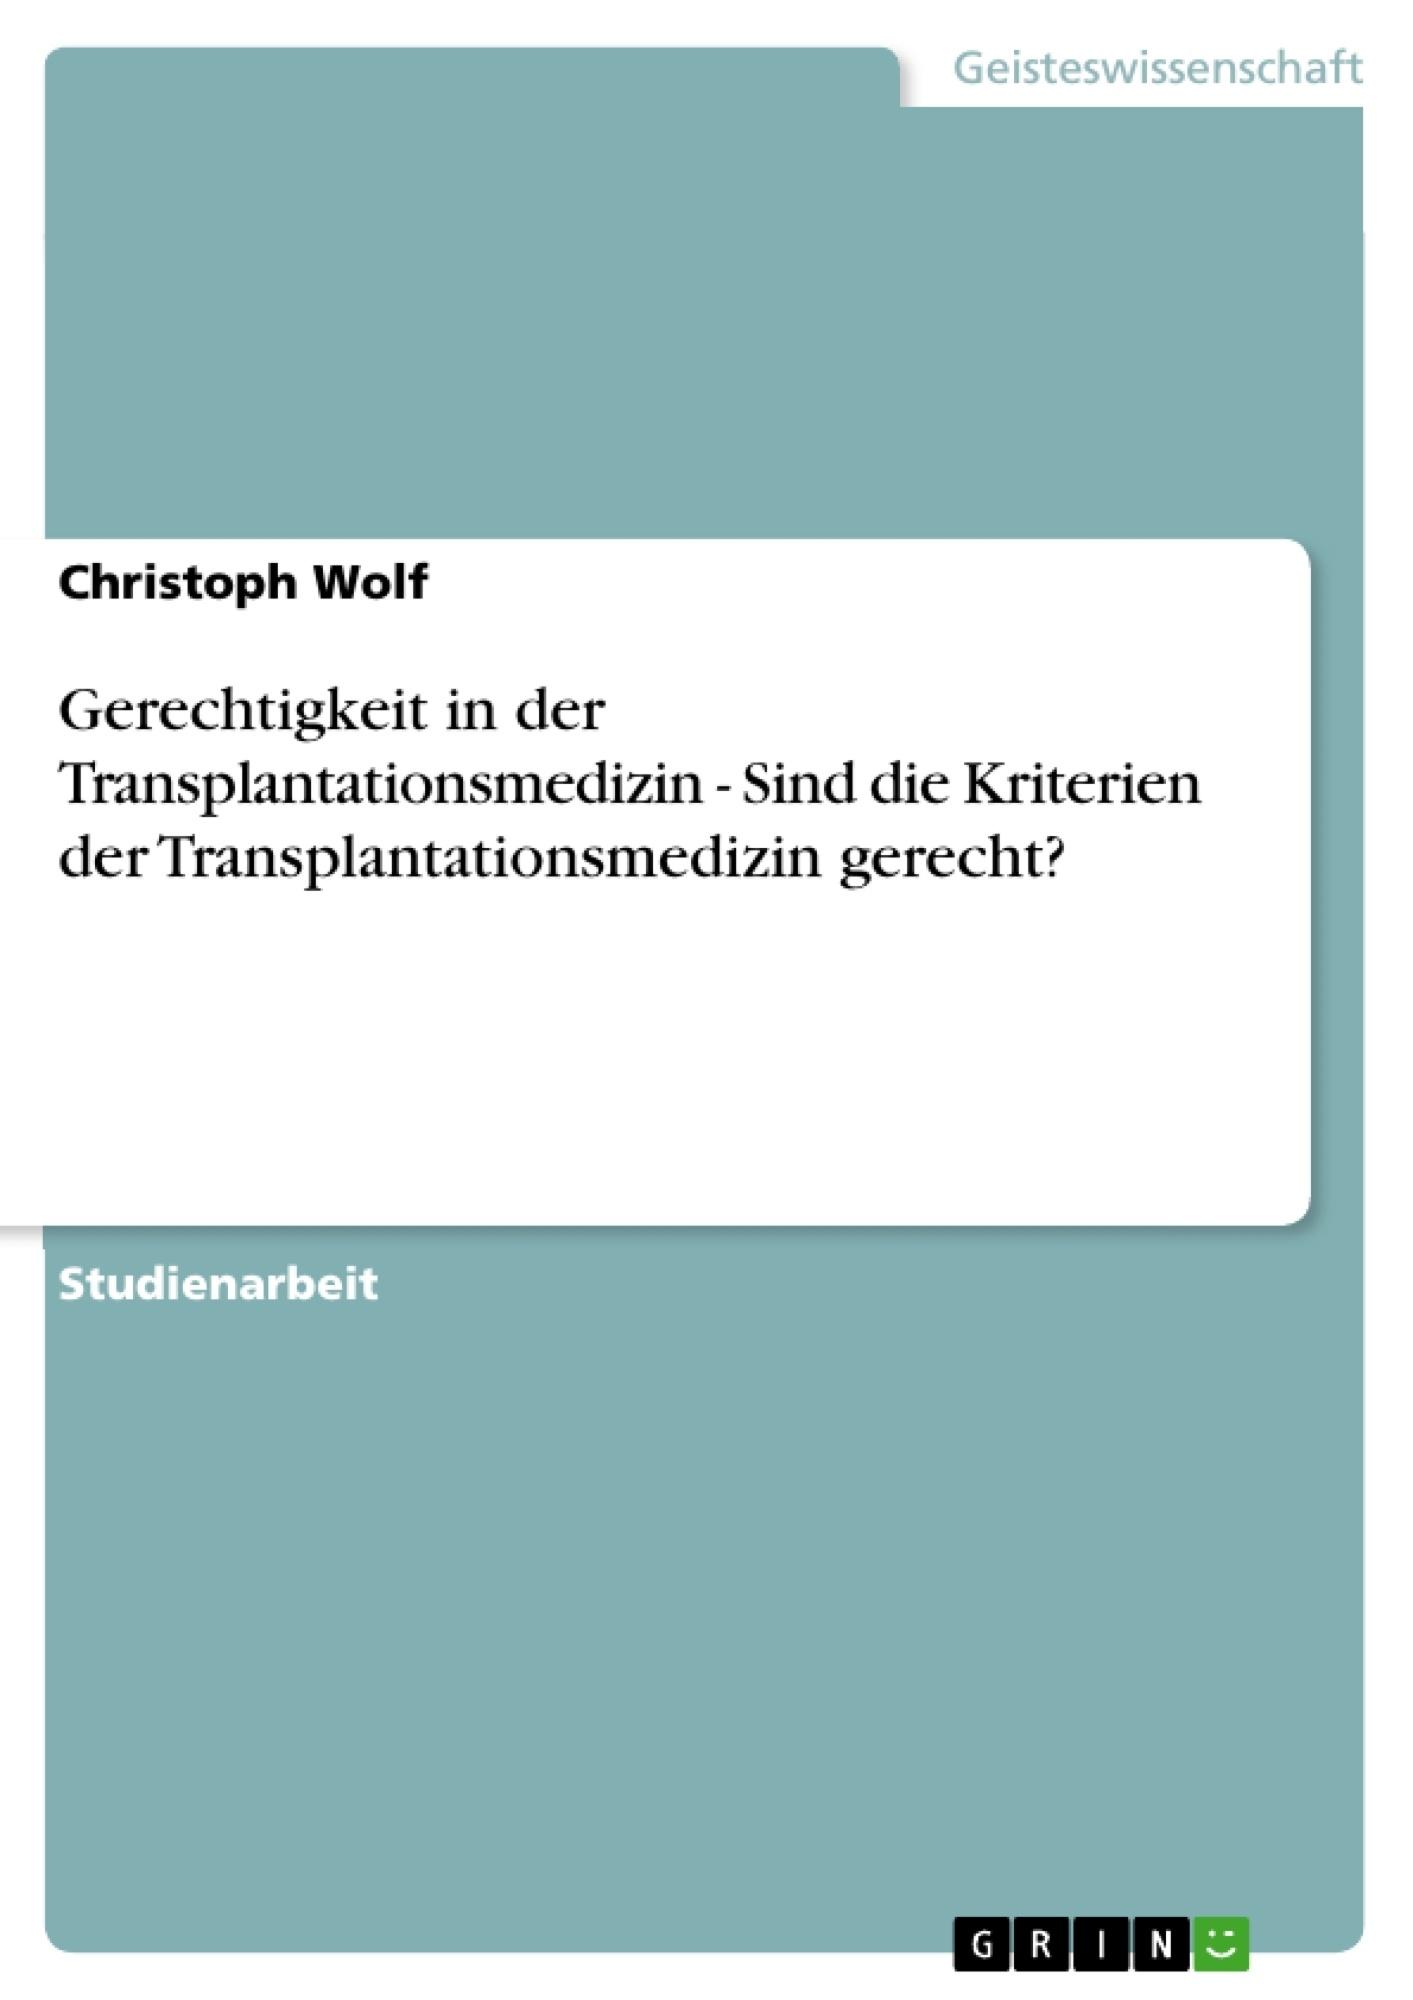 Titel: Gerechtigkeit in der Transplantationsmedizin - Sind die Kriterien der Transplantationsmedizin gerecht?